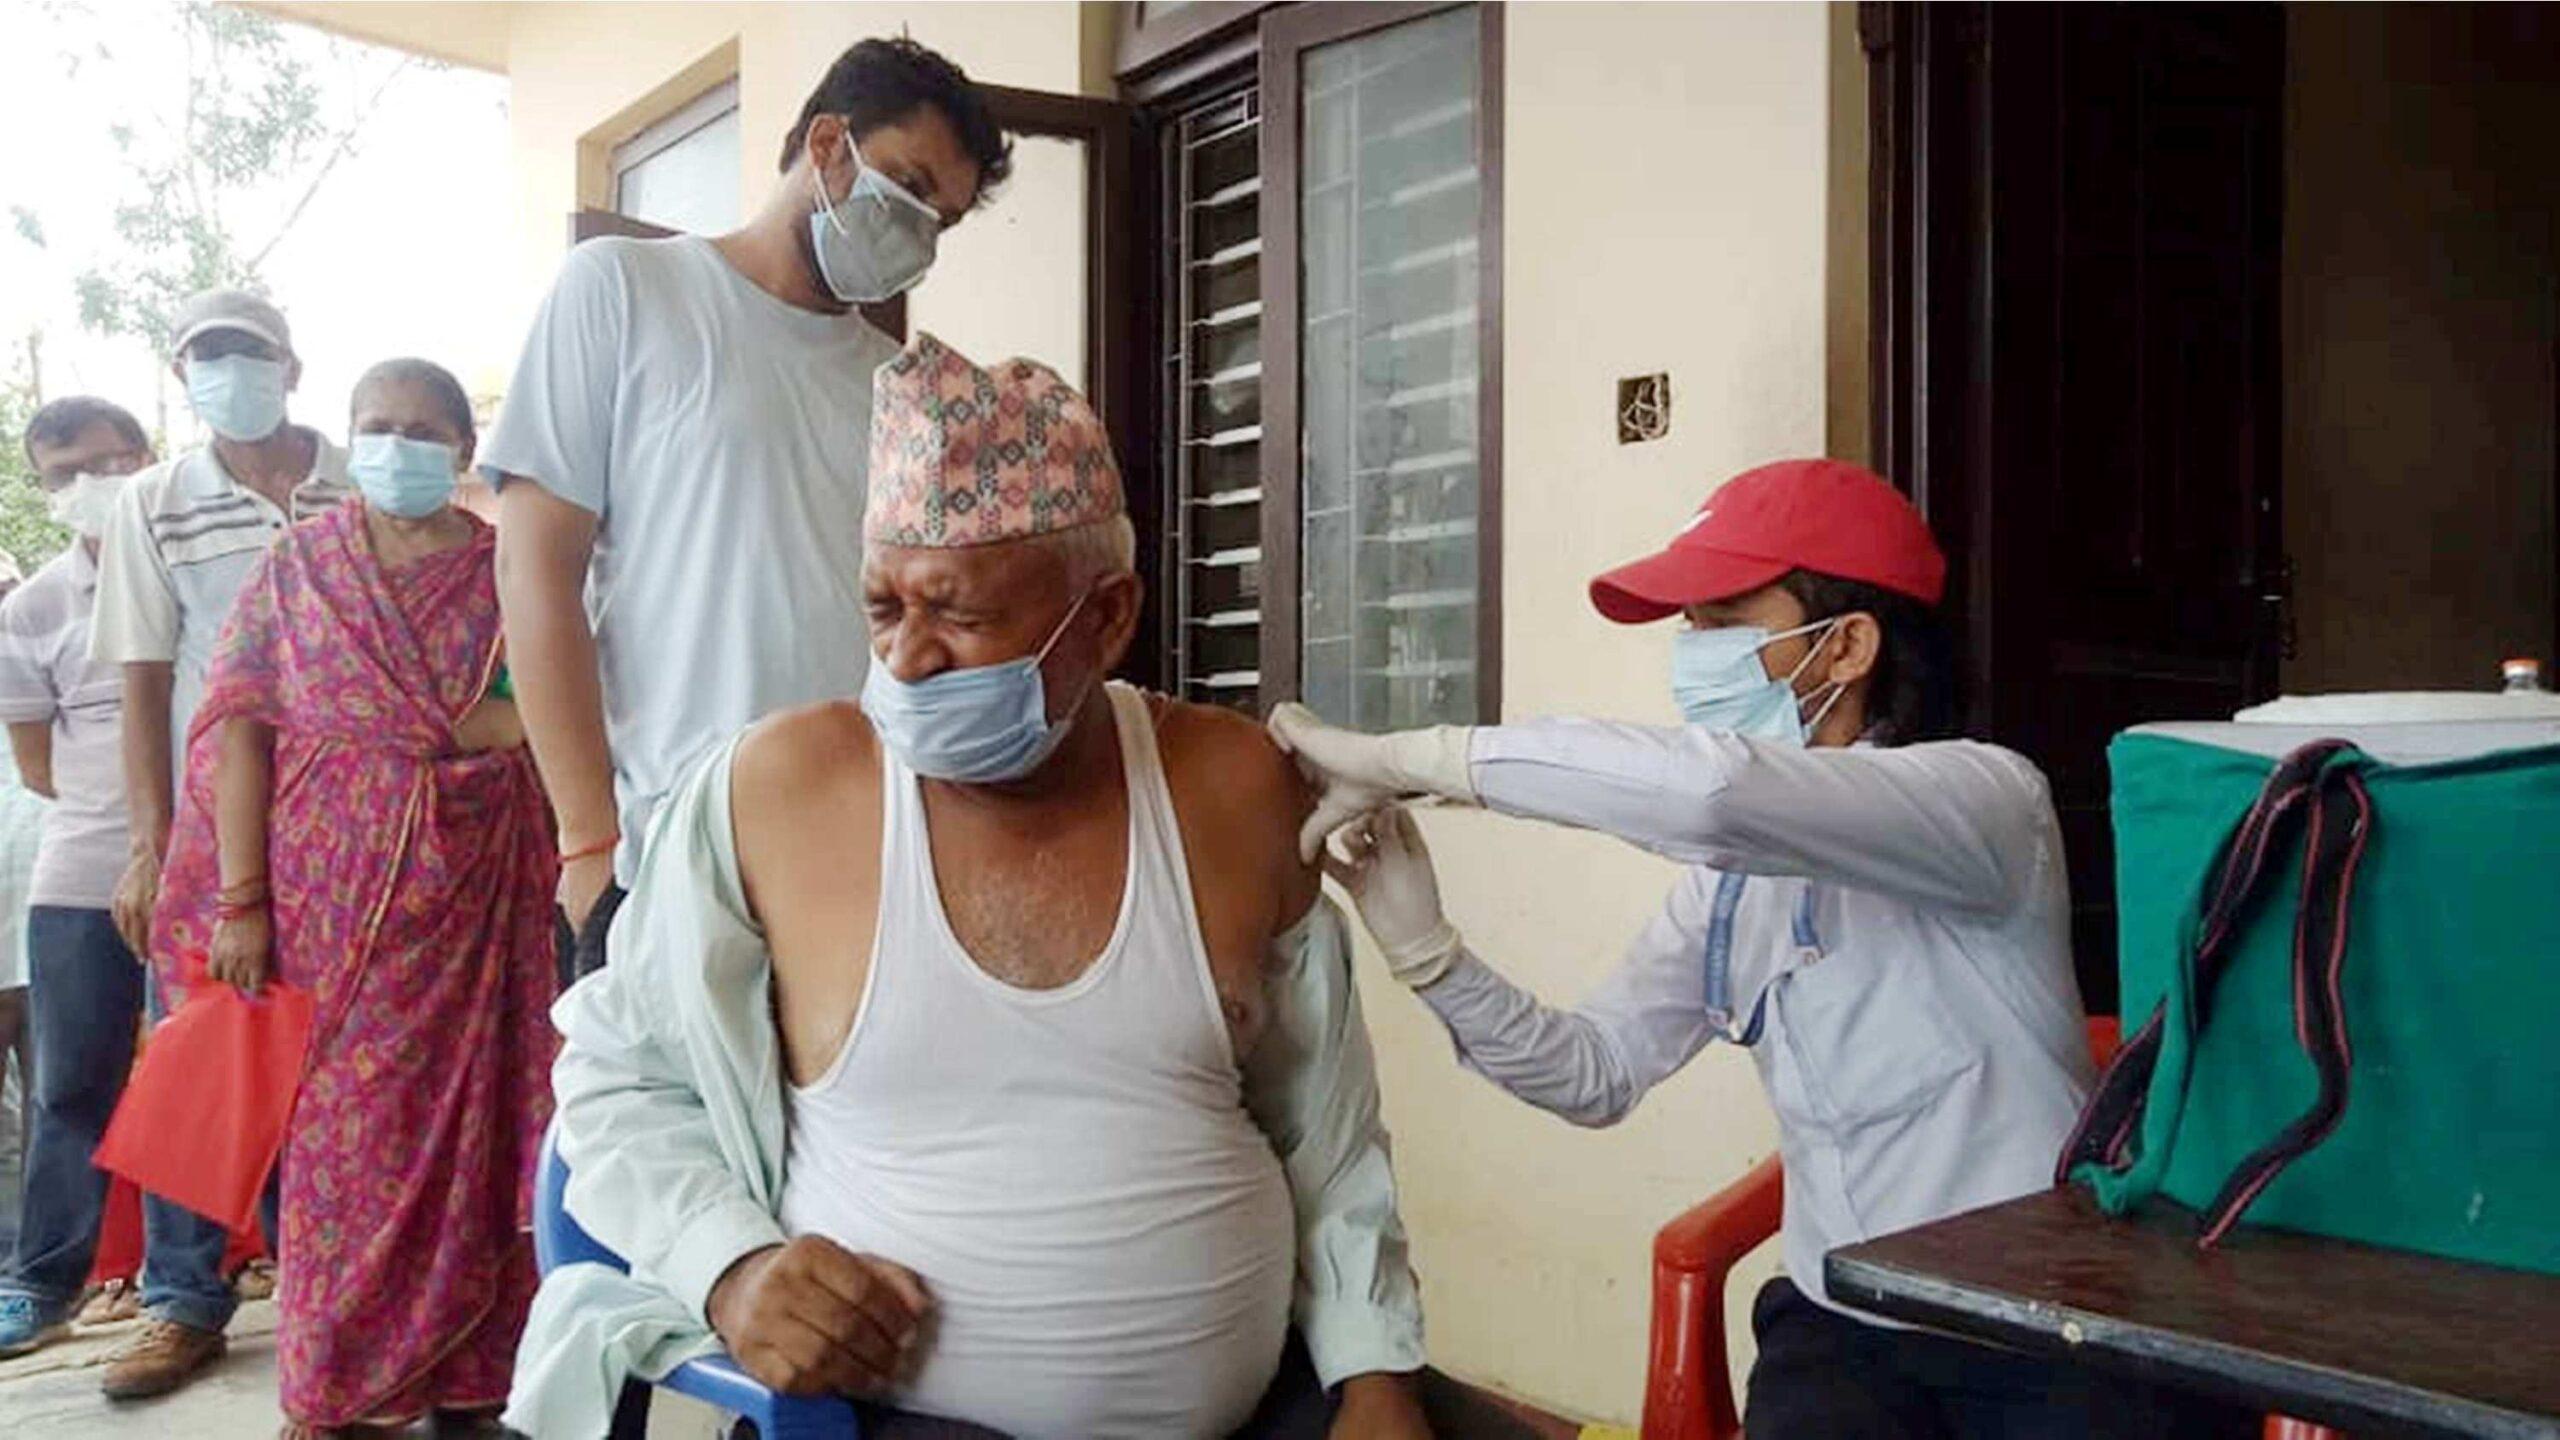 लुम्बिनीका साढे दुई लाख नागरिक कोभिशिल्डको दोस्रो डोजबाट बञ्चित